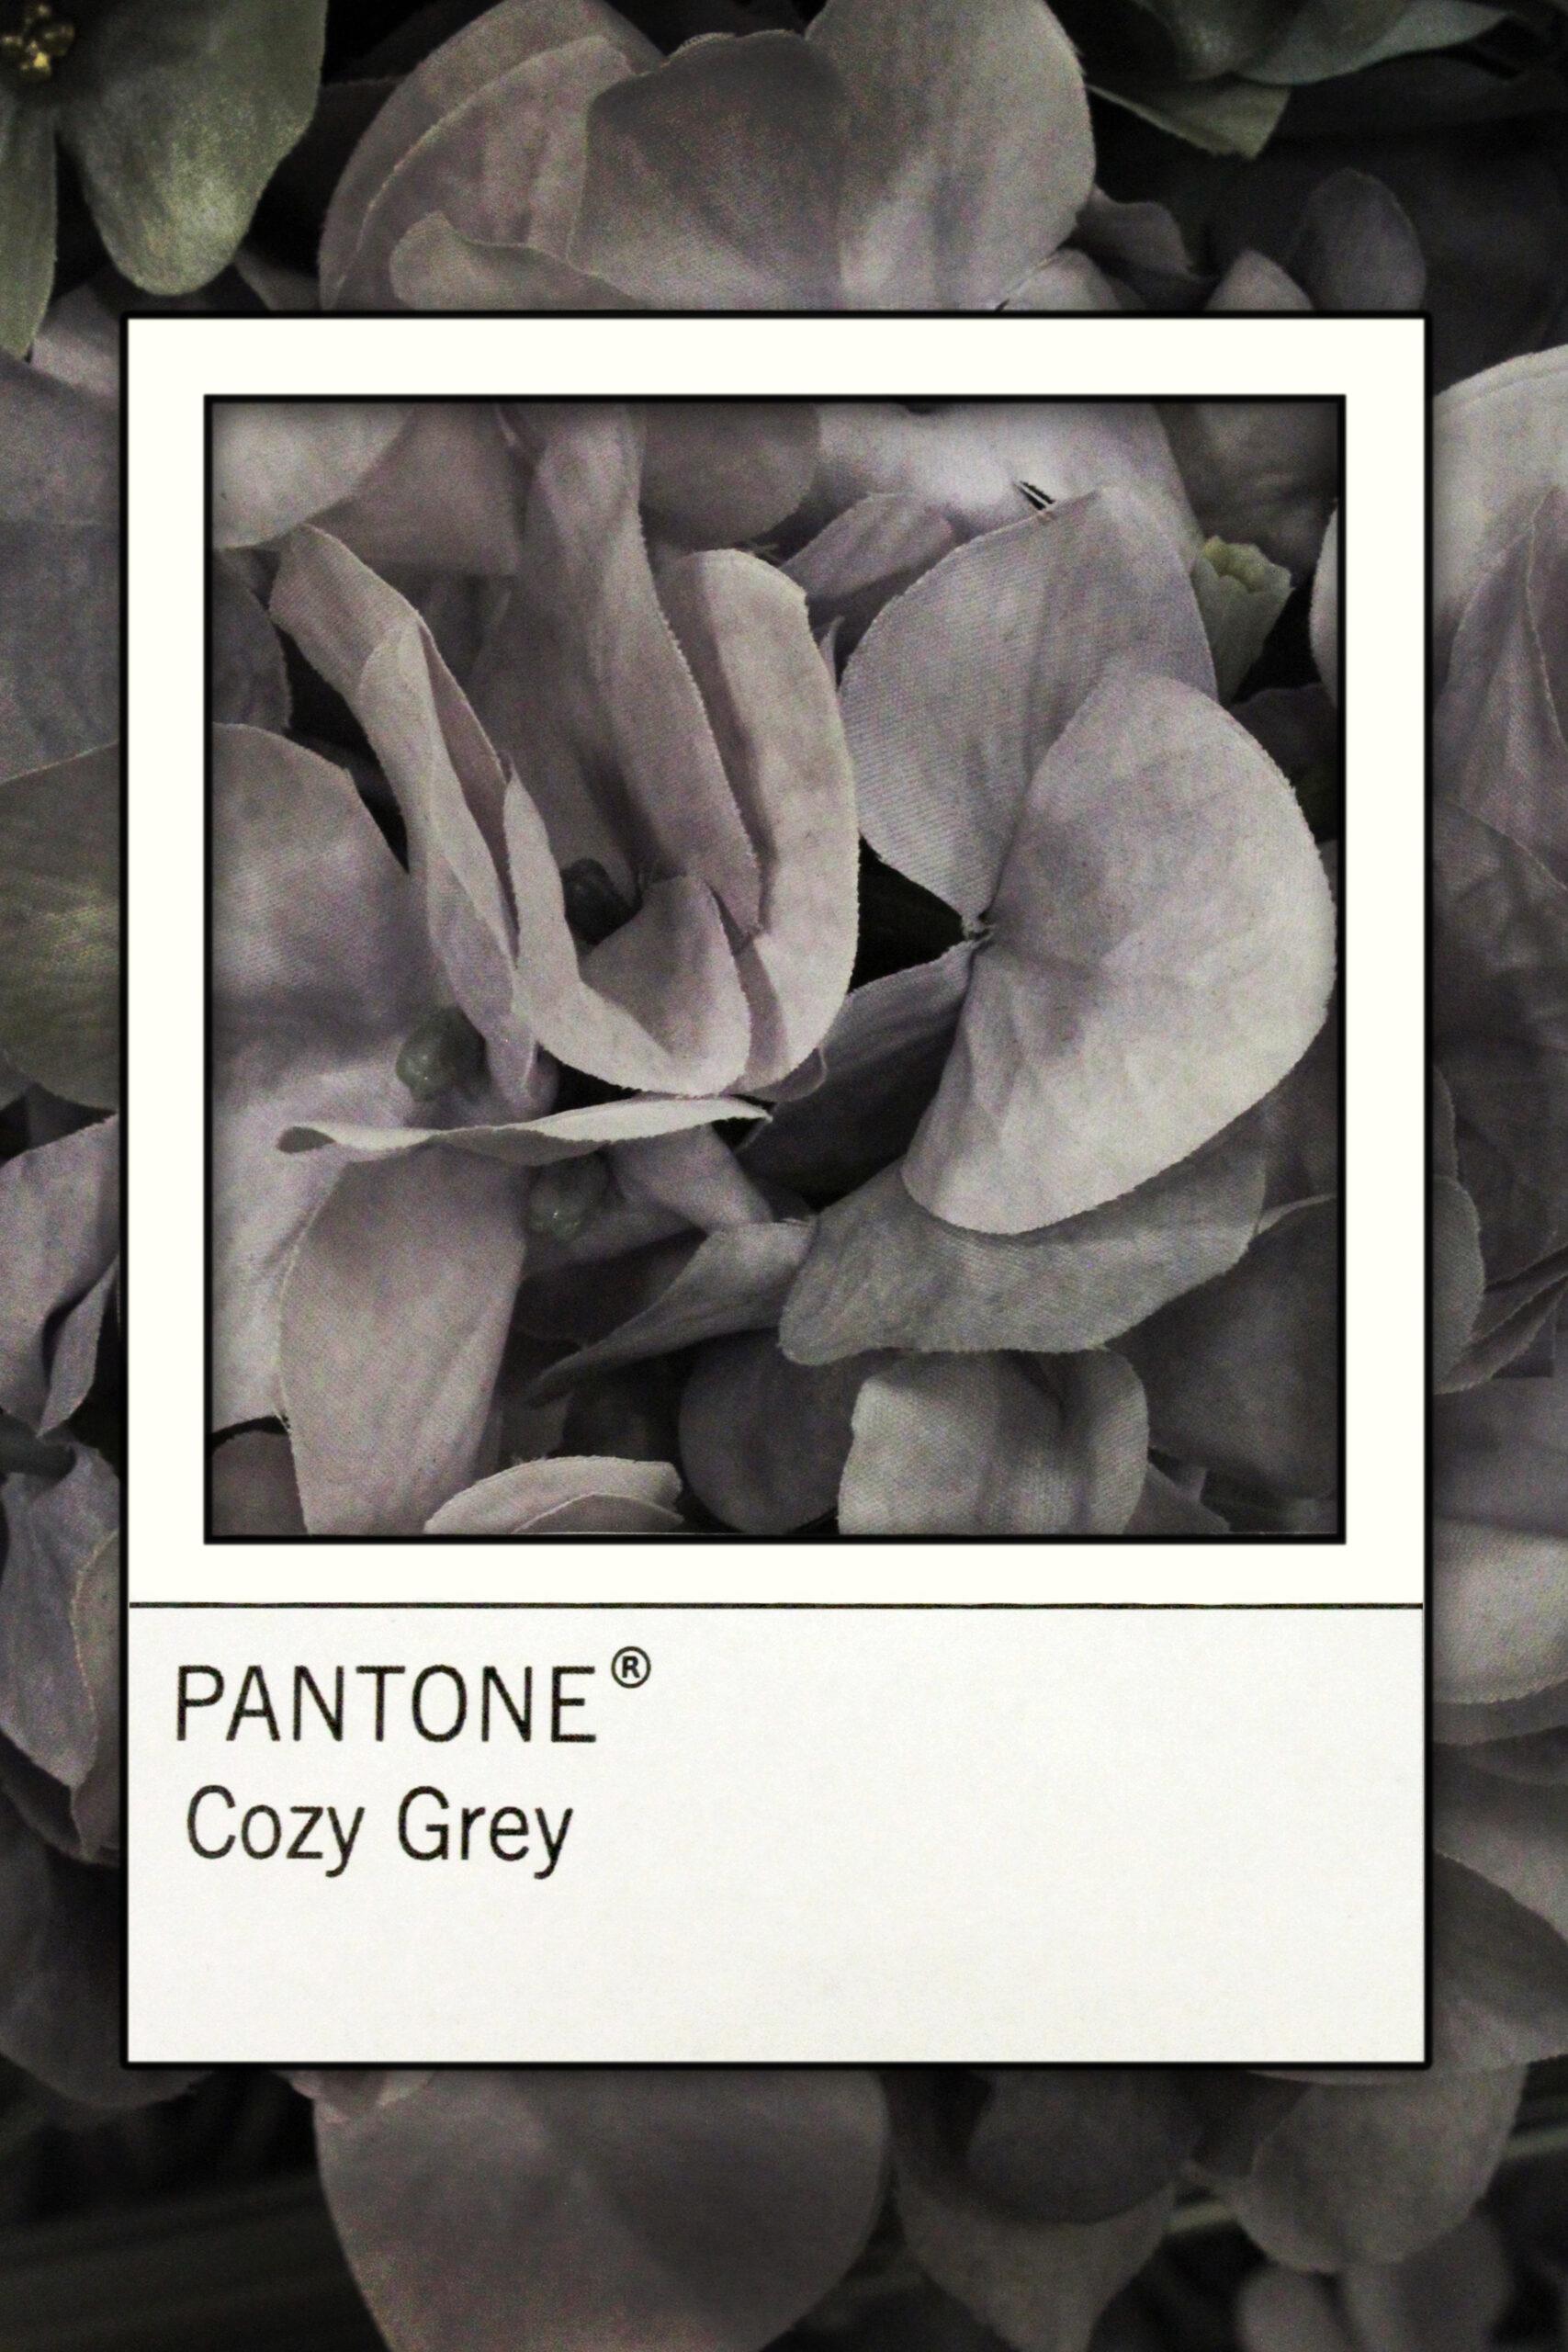 pantone coxy grey gray flower petals